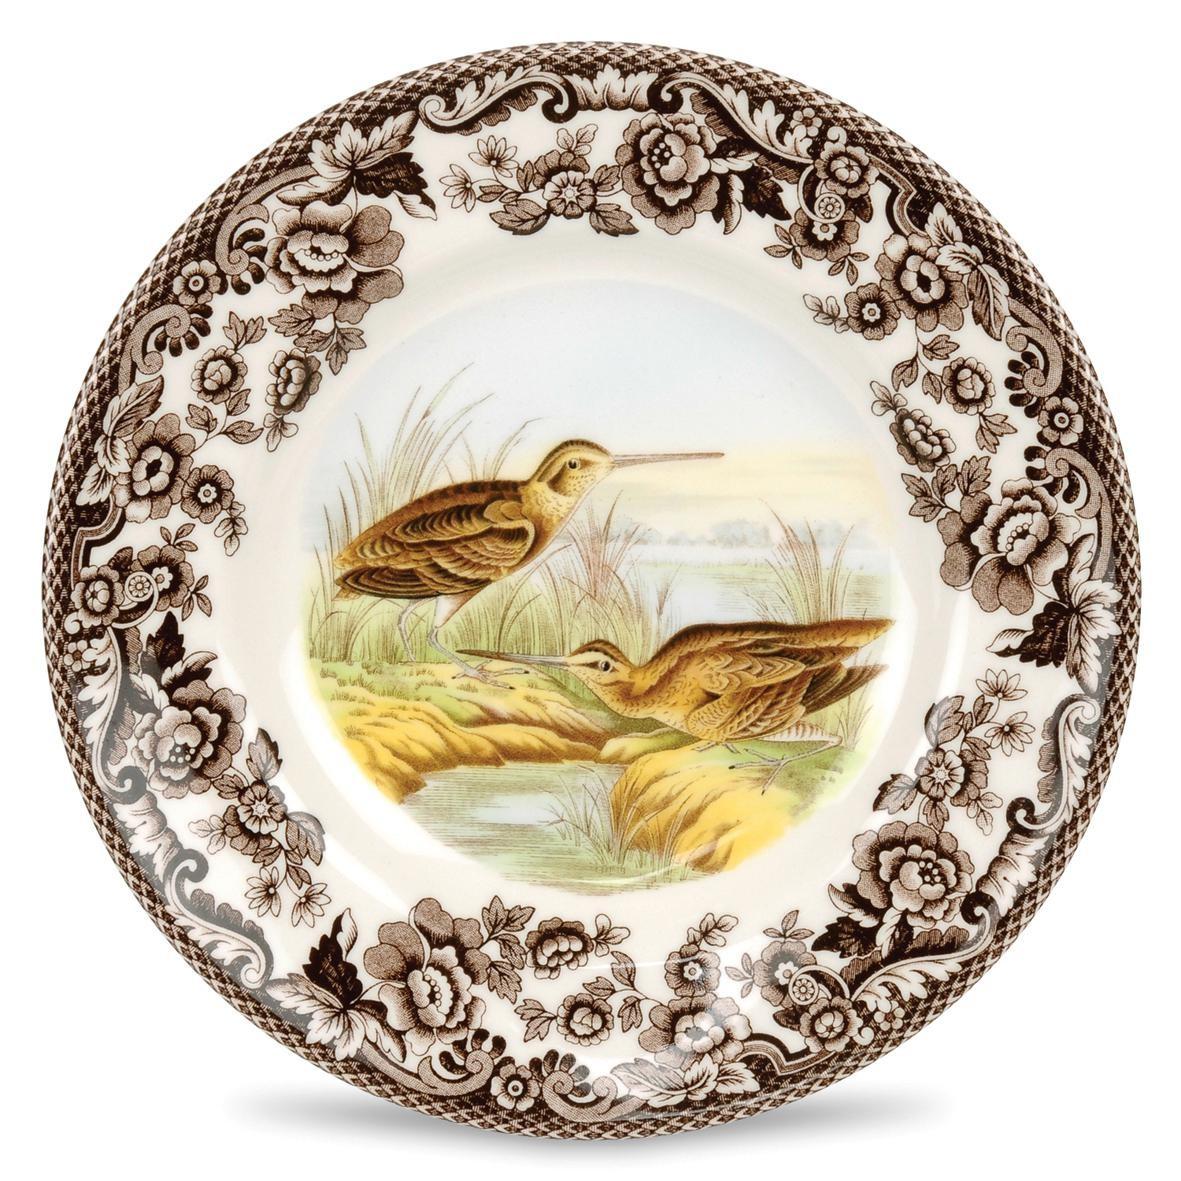 Тарелка десертная Spode Английские охотничьи мотивы 15 см чайник заварочный spode английские охотничьи мотивы 1 3 л